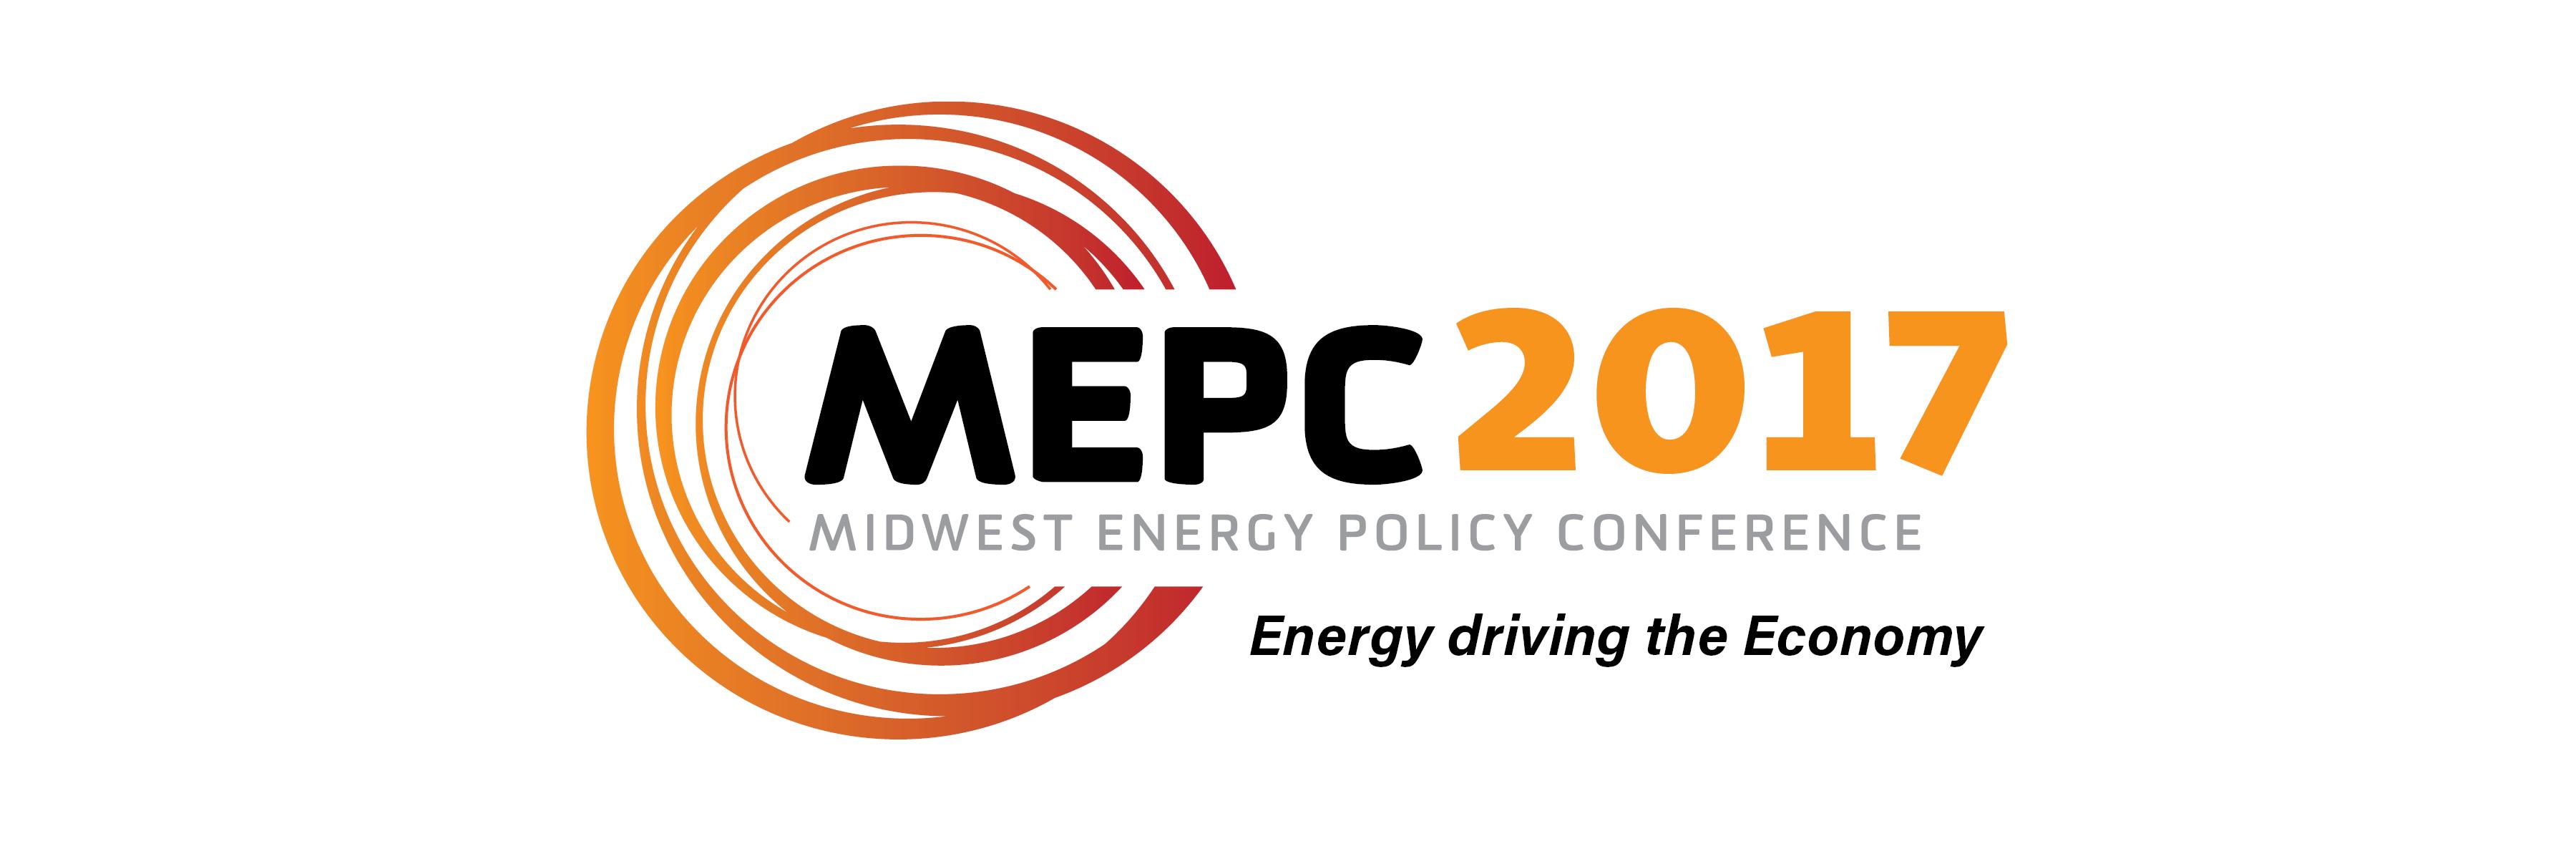 MEPC logo